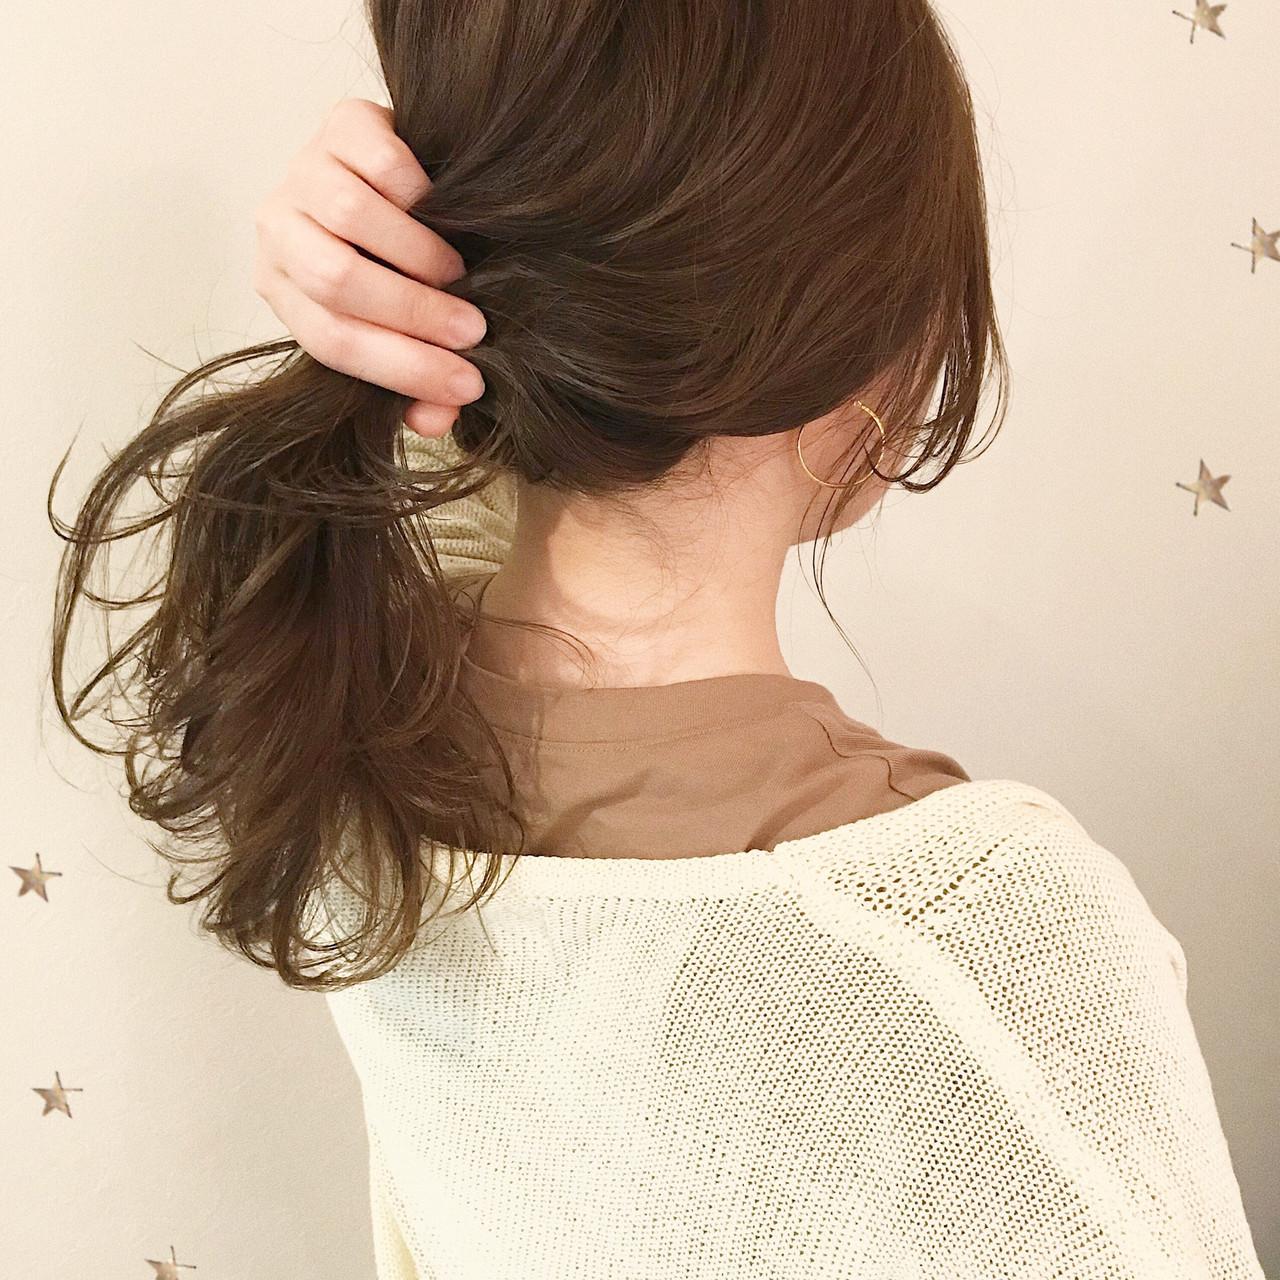 伸ばしかけ ゆるふわ ゆるナチュラル セミロング ヘアスタイルや髪型の写真・画像